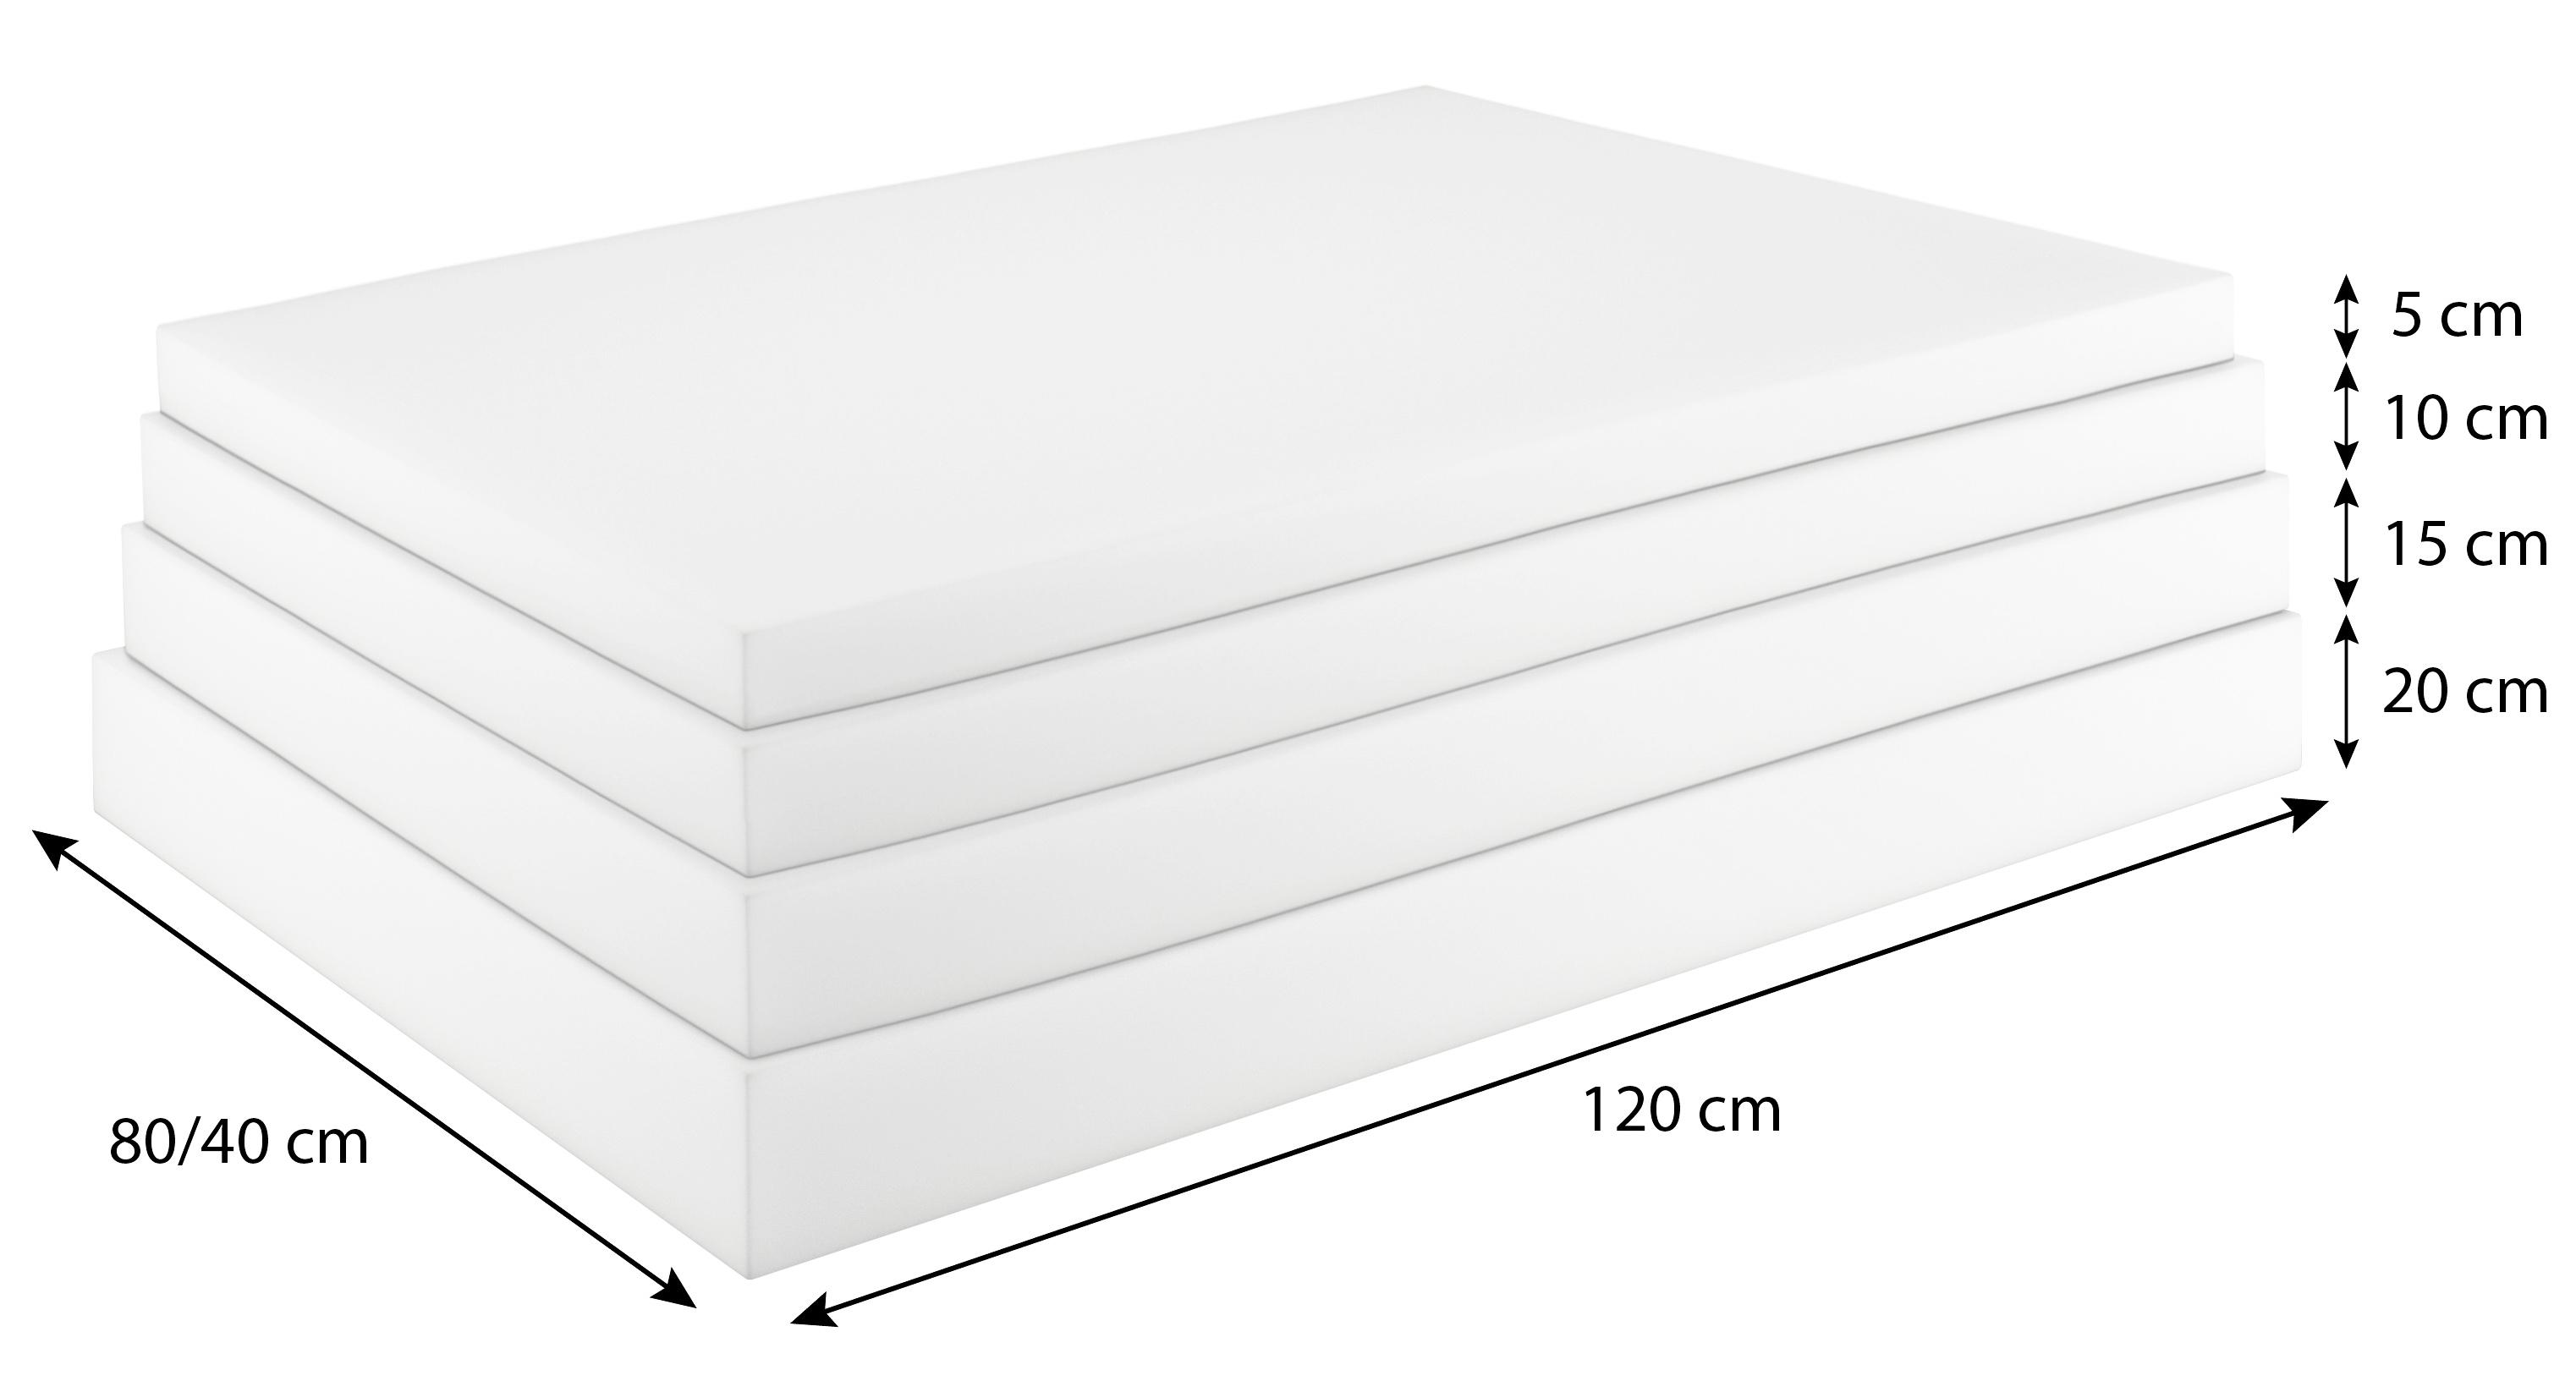 schaumstoffplatte f r europalette polsterauflage matratze zuschnitt 120x80cm ebay. Black Bedroom Furniture Sets. Home Design Ideas